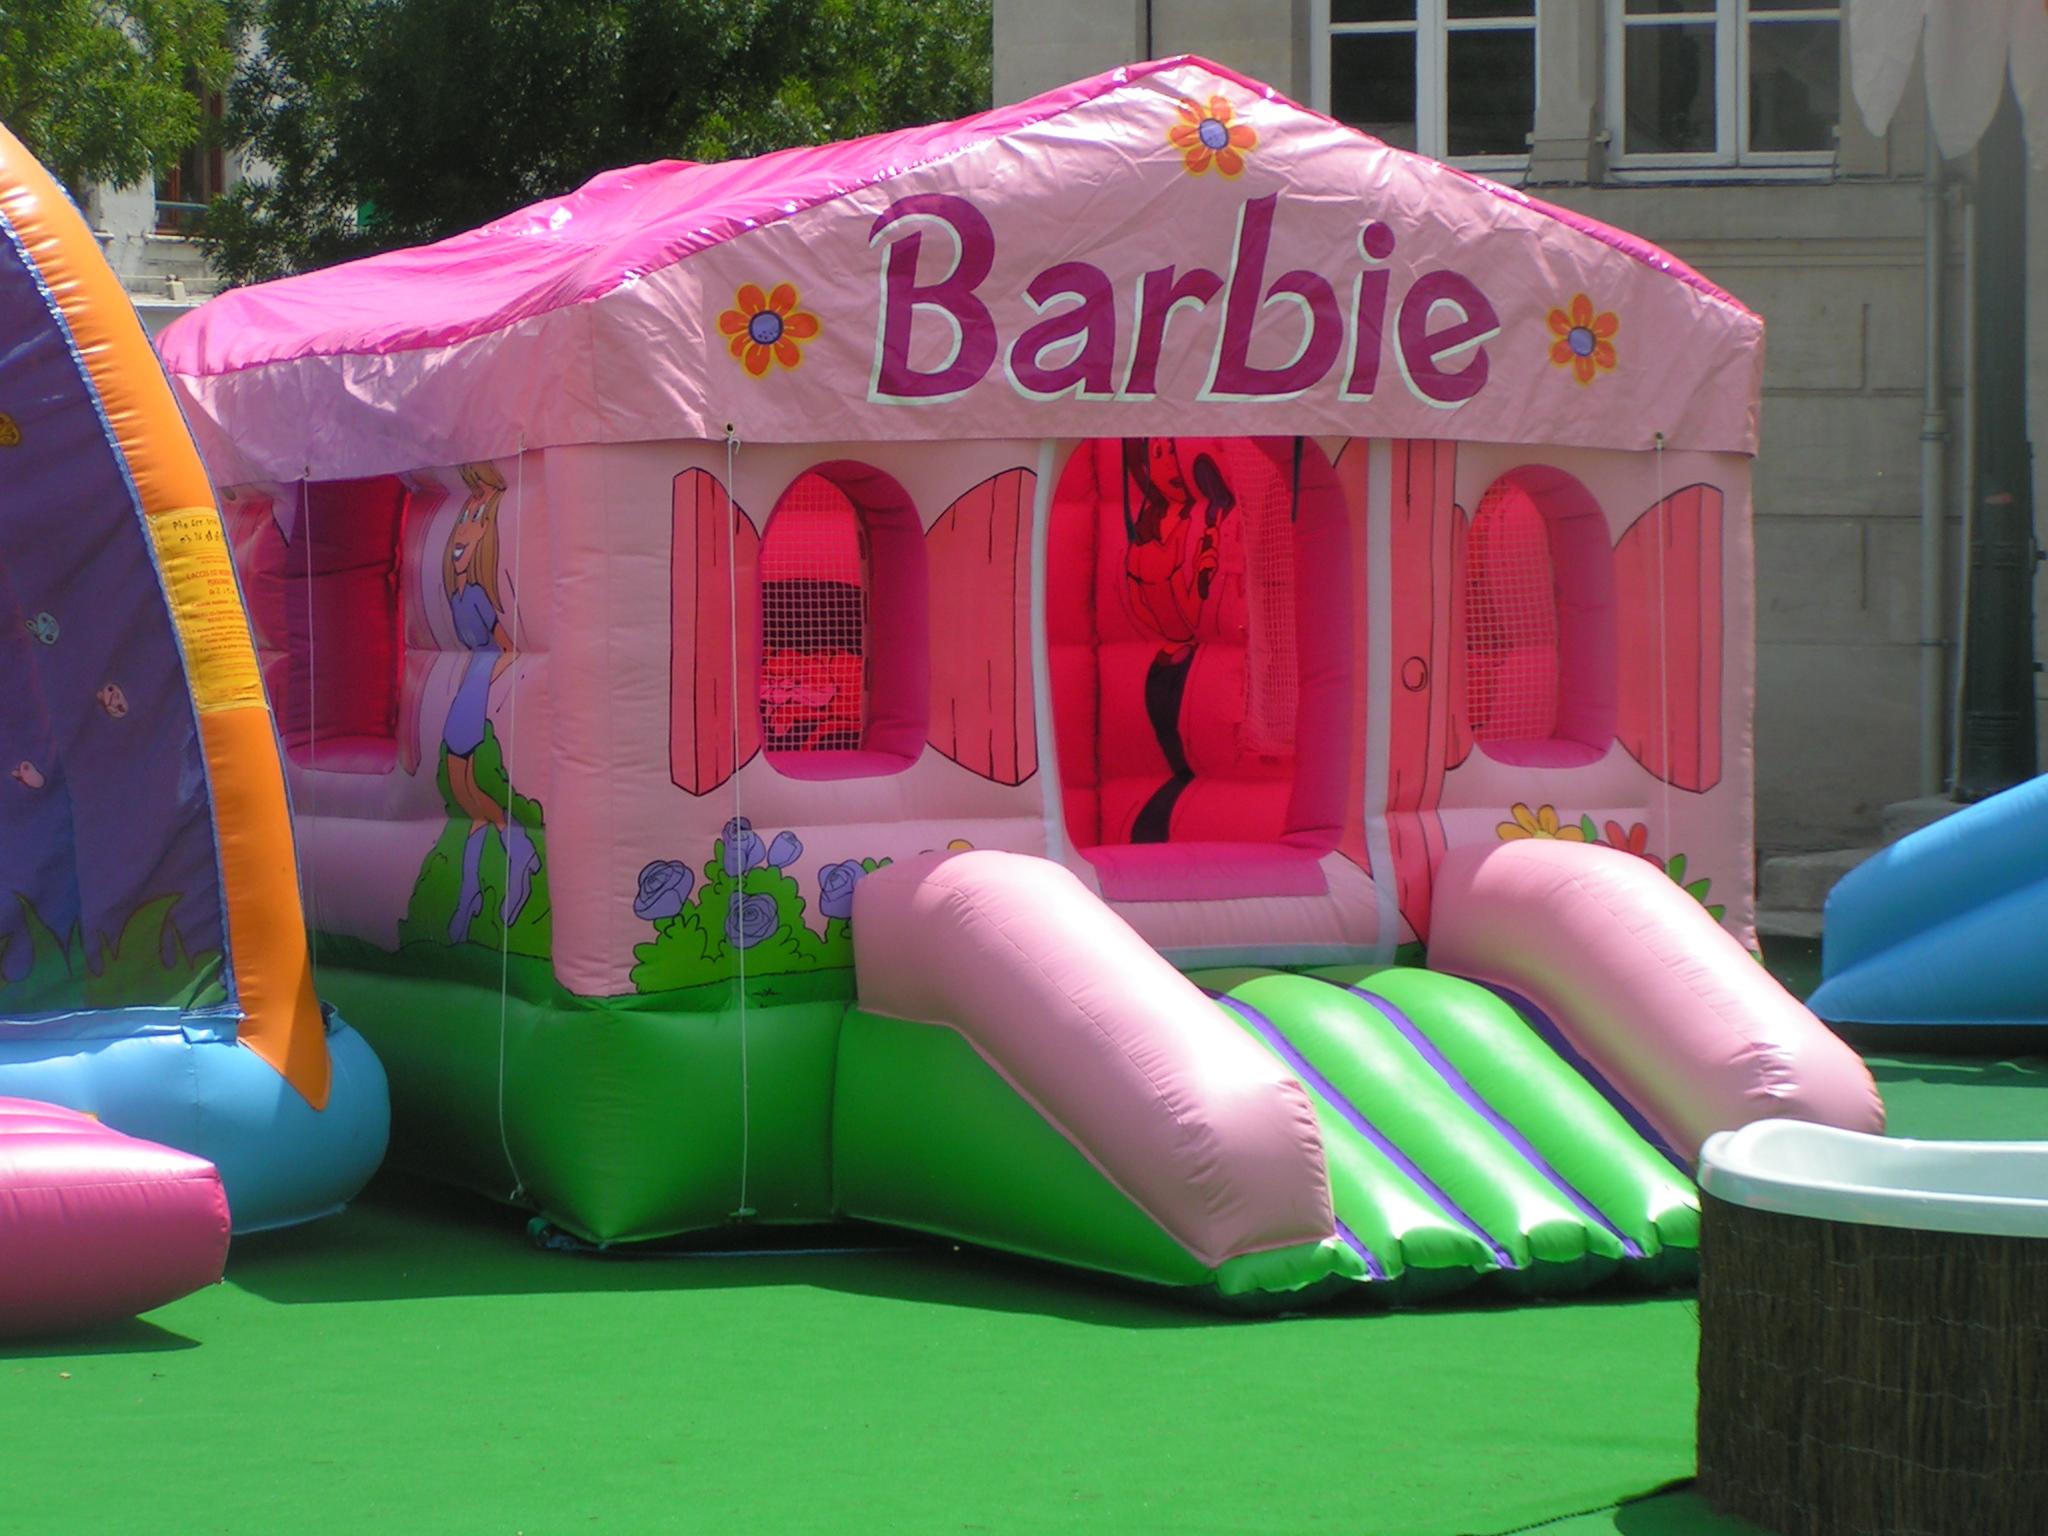 Chateau gonflable la maison de barbie - Petit chateau gonflable ...